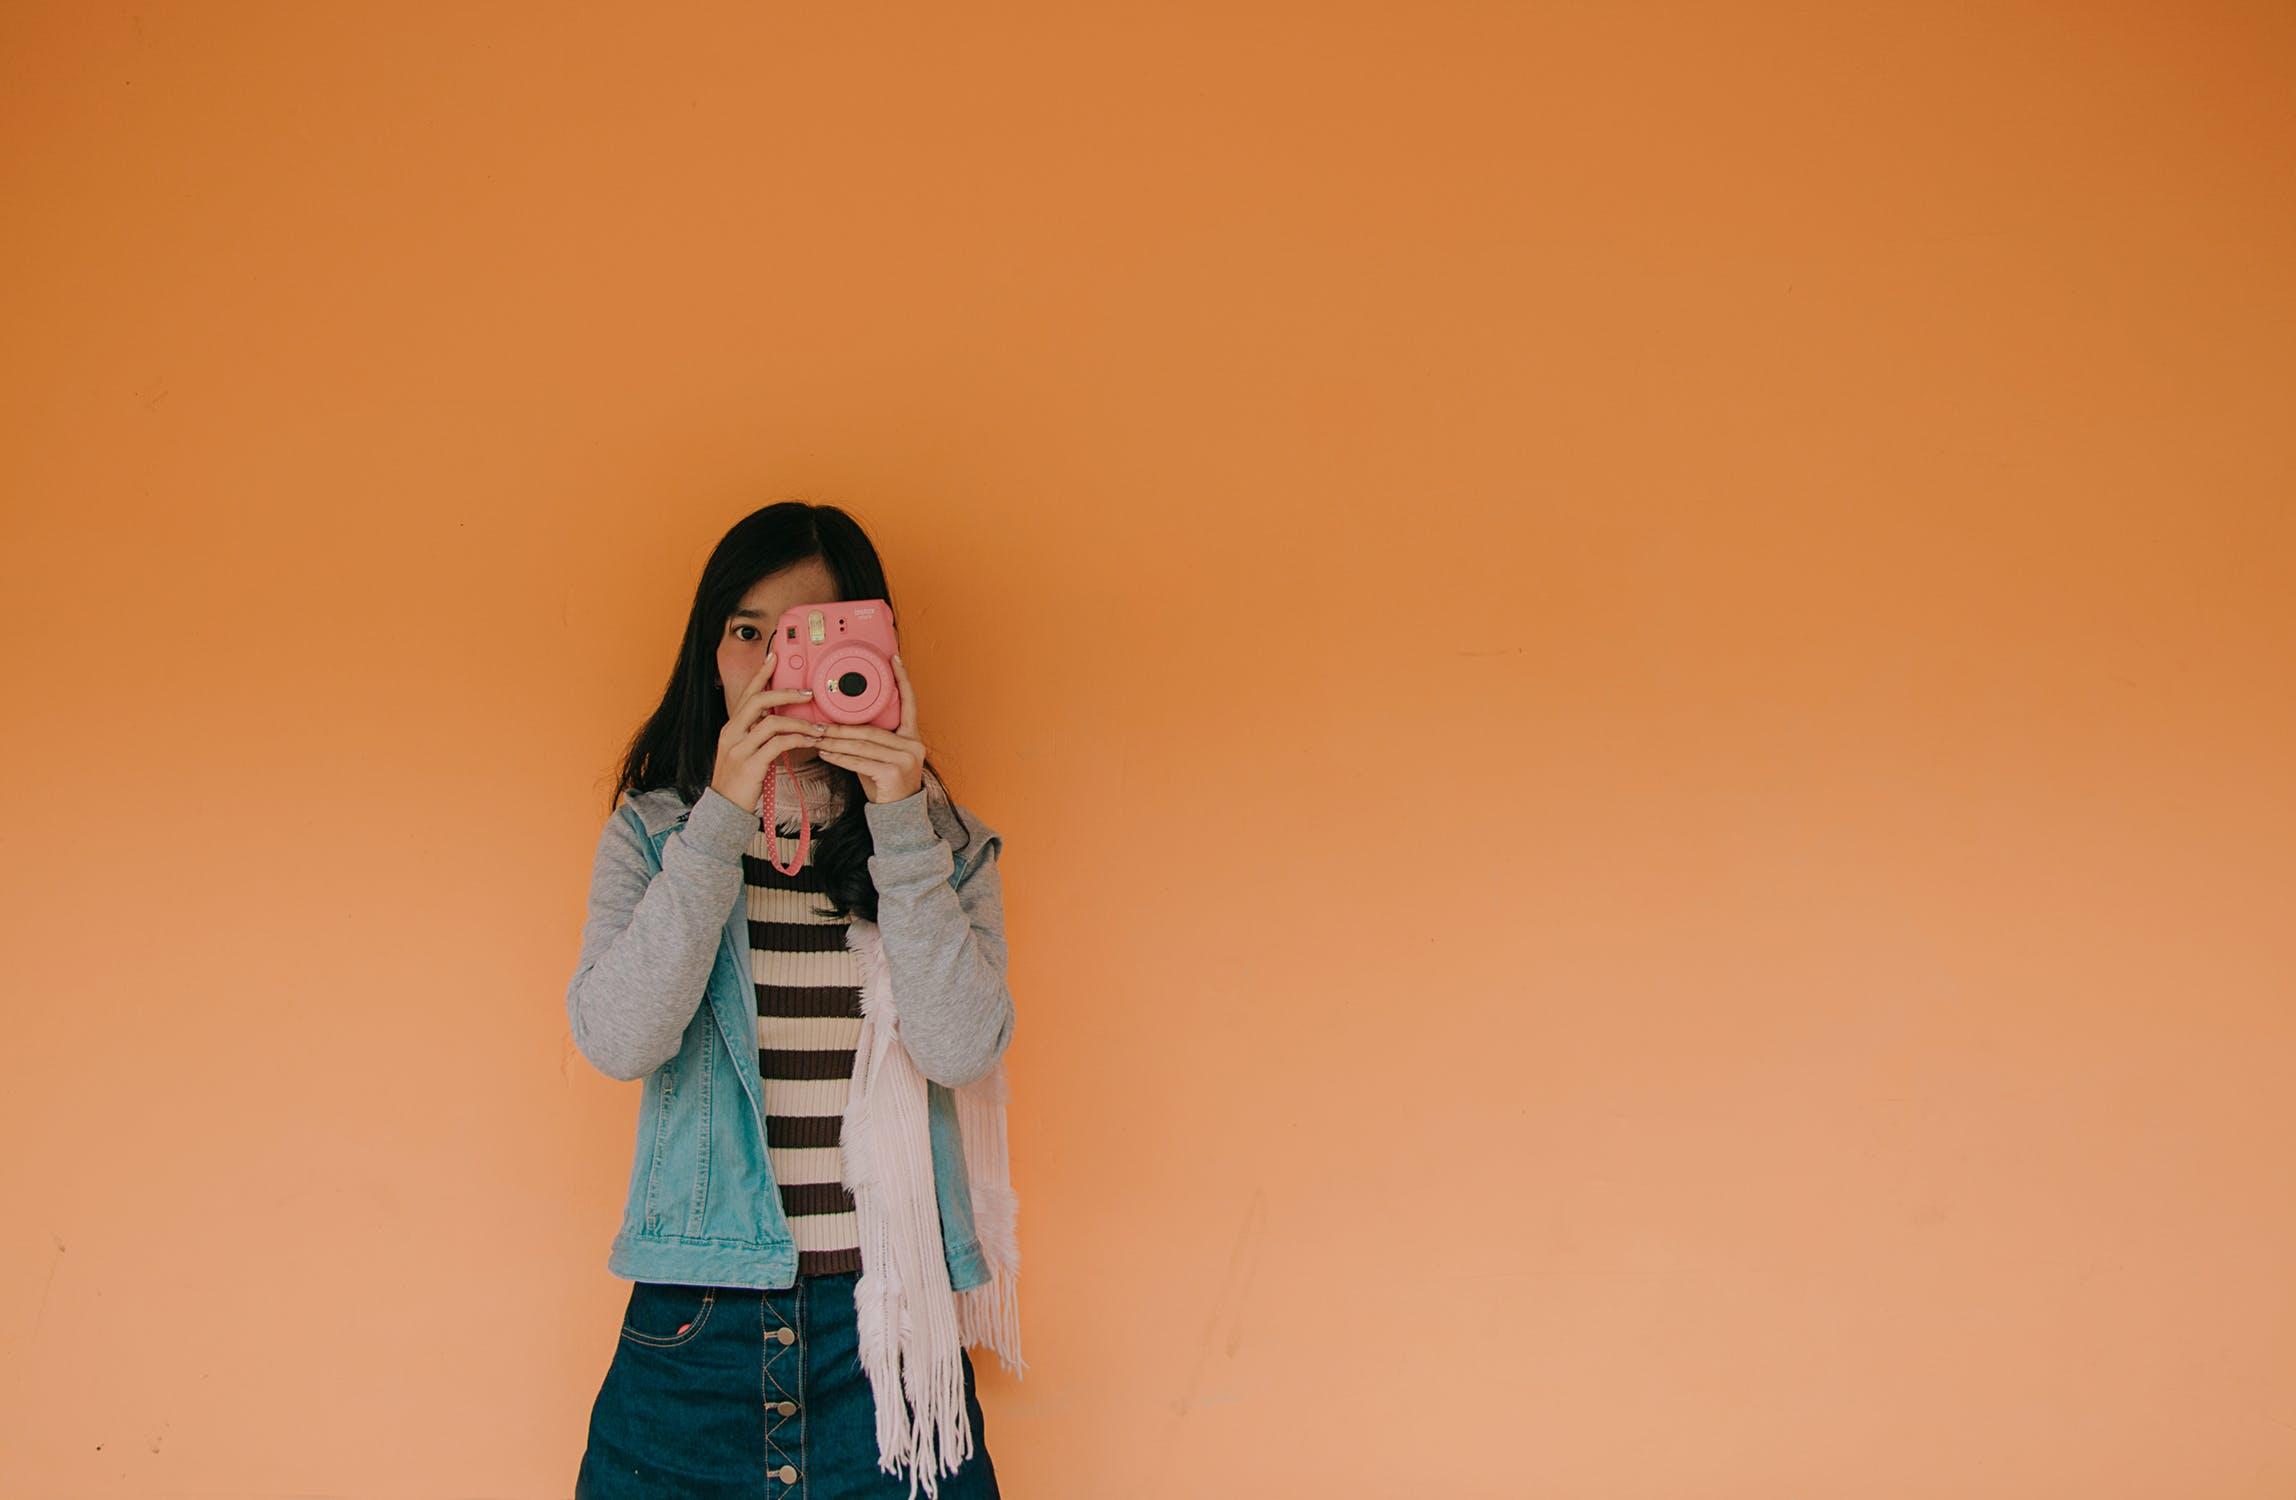 口が軽い女性の特徴や性格とは?対処法も紹介